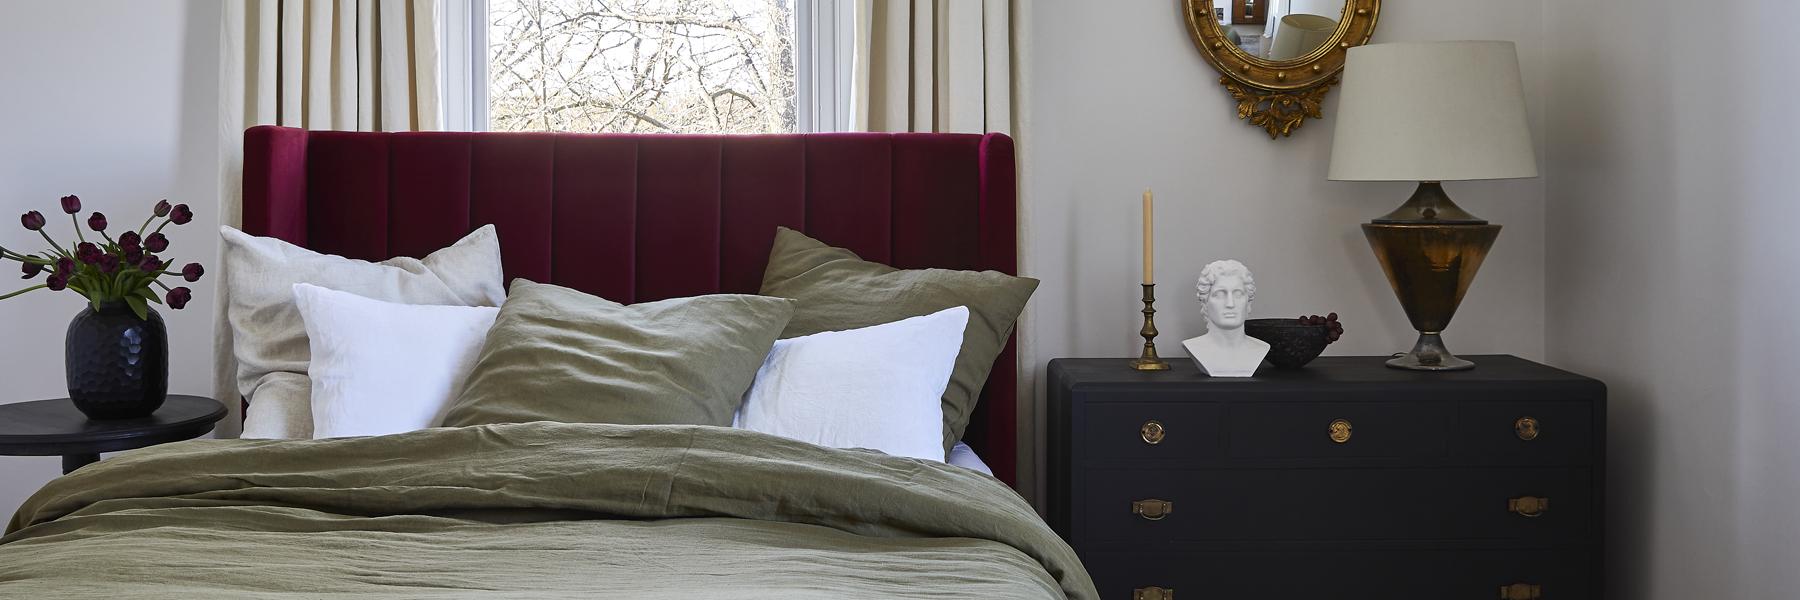 customisable-bed-banner.jpg